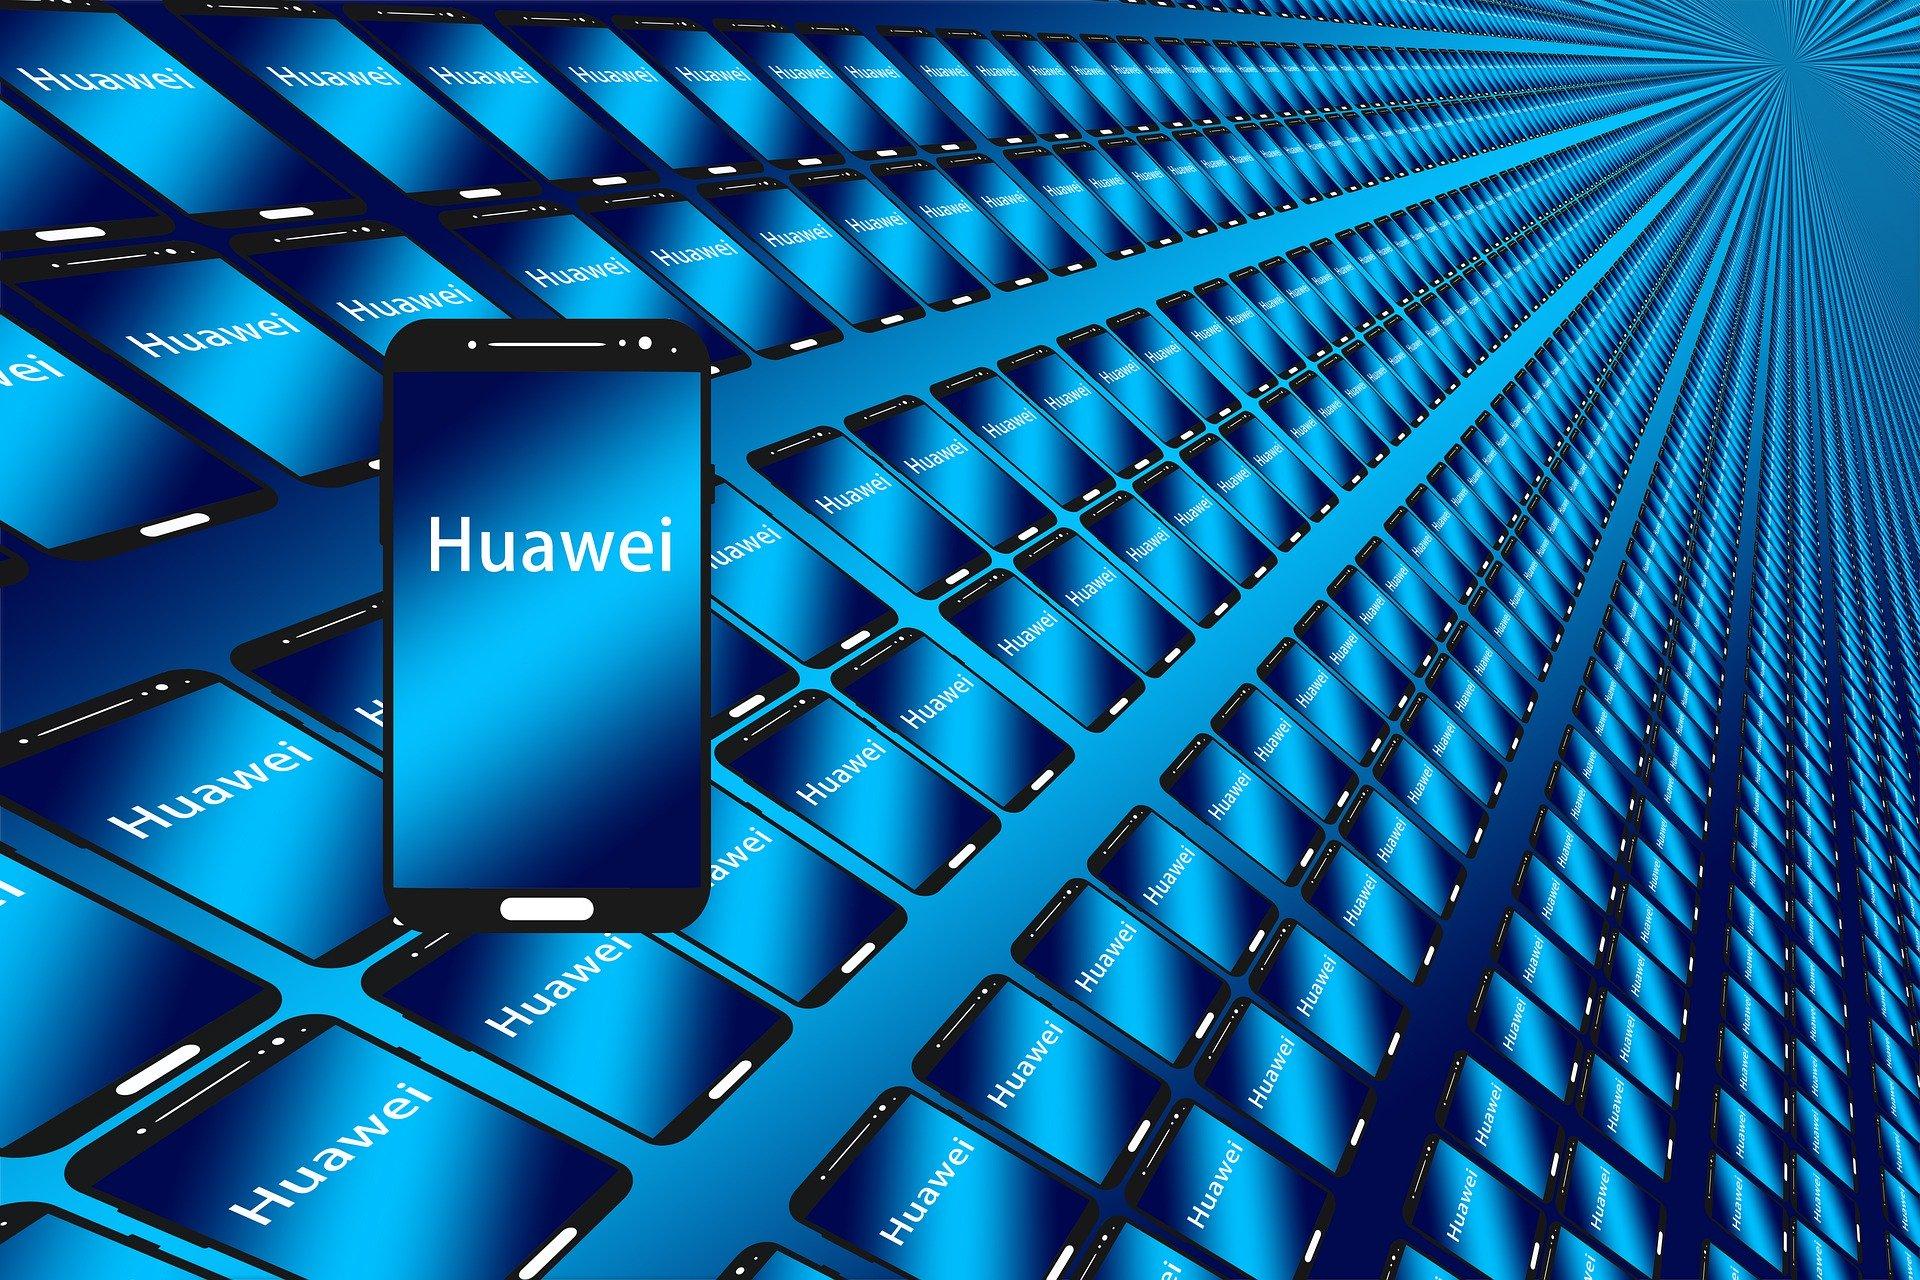 Η Huawei δαπανά $ 1,5 δισ. για την ανάπτυξη εφαρμογών